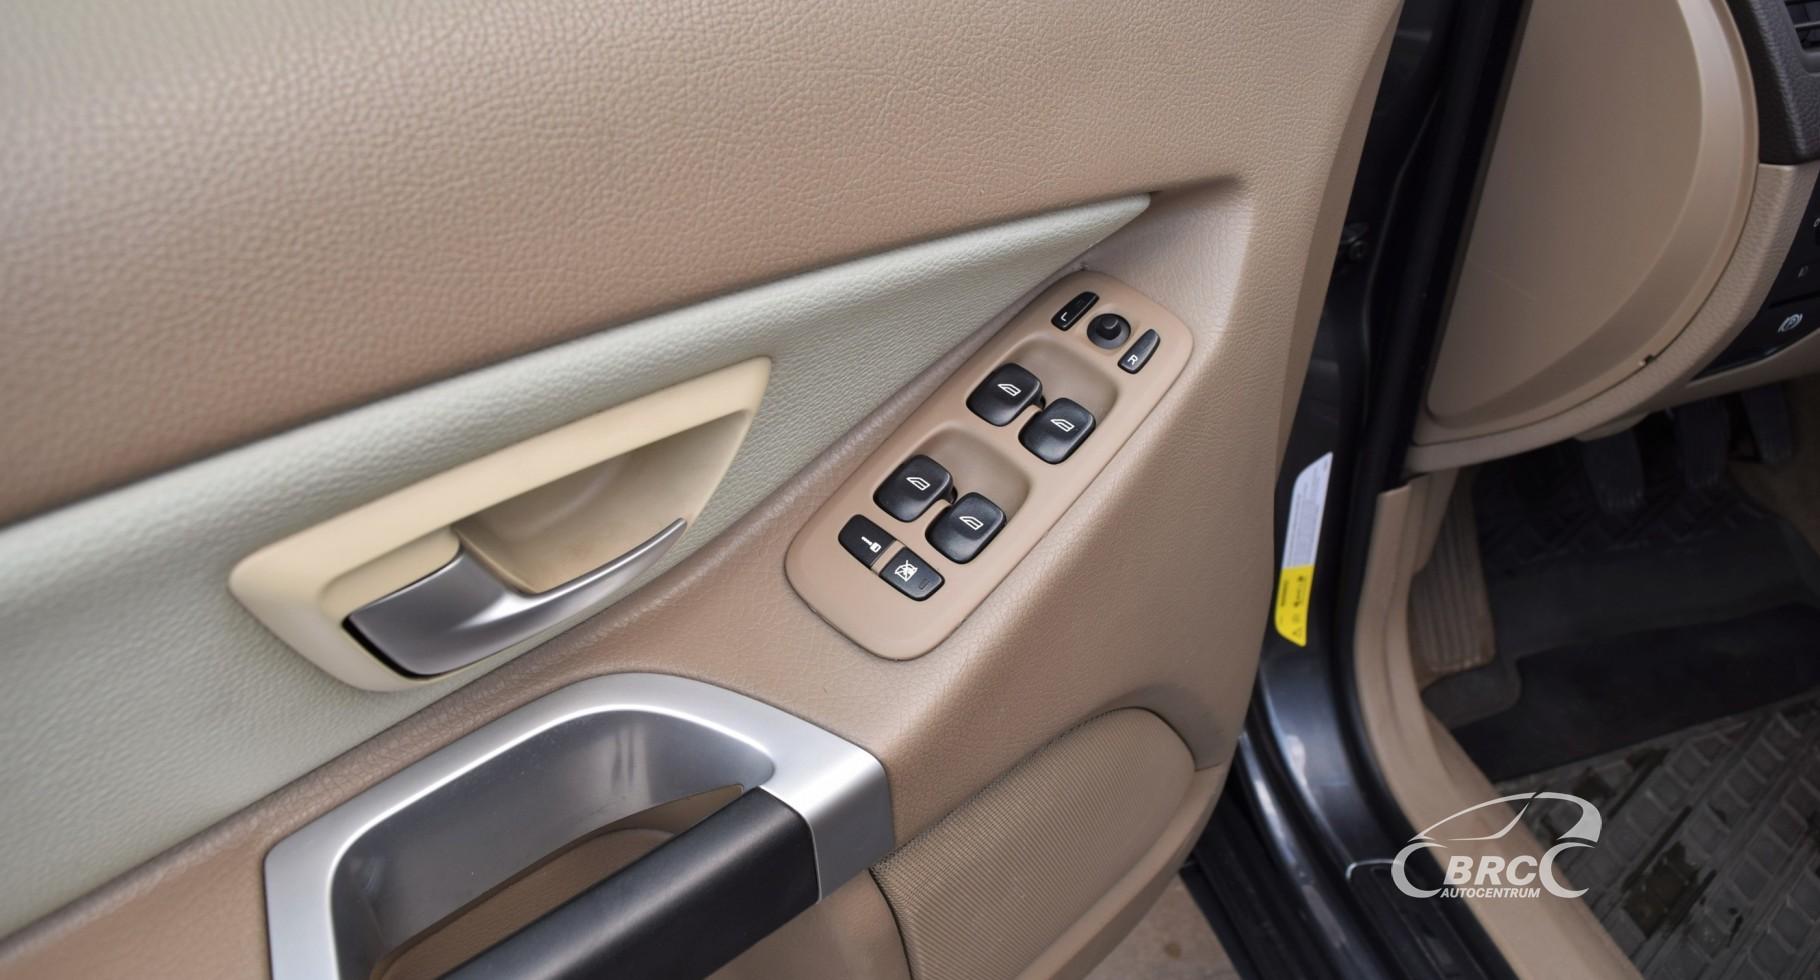 Volvo XC 90 D5 AWD 7 seats